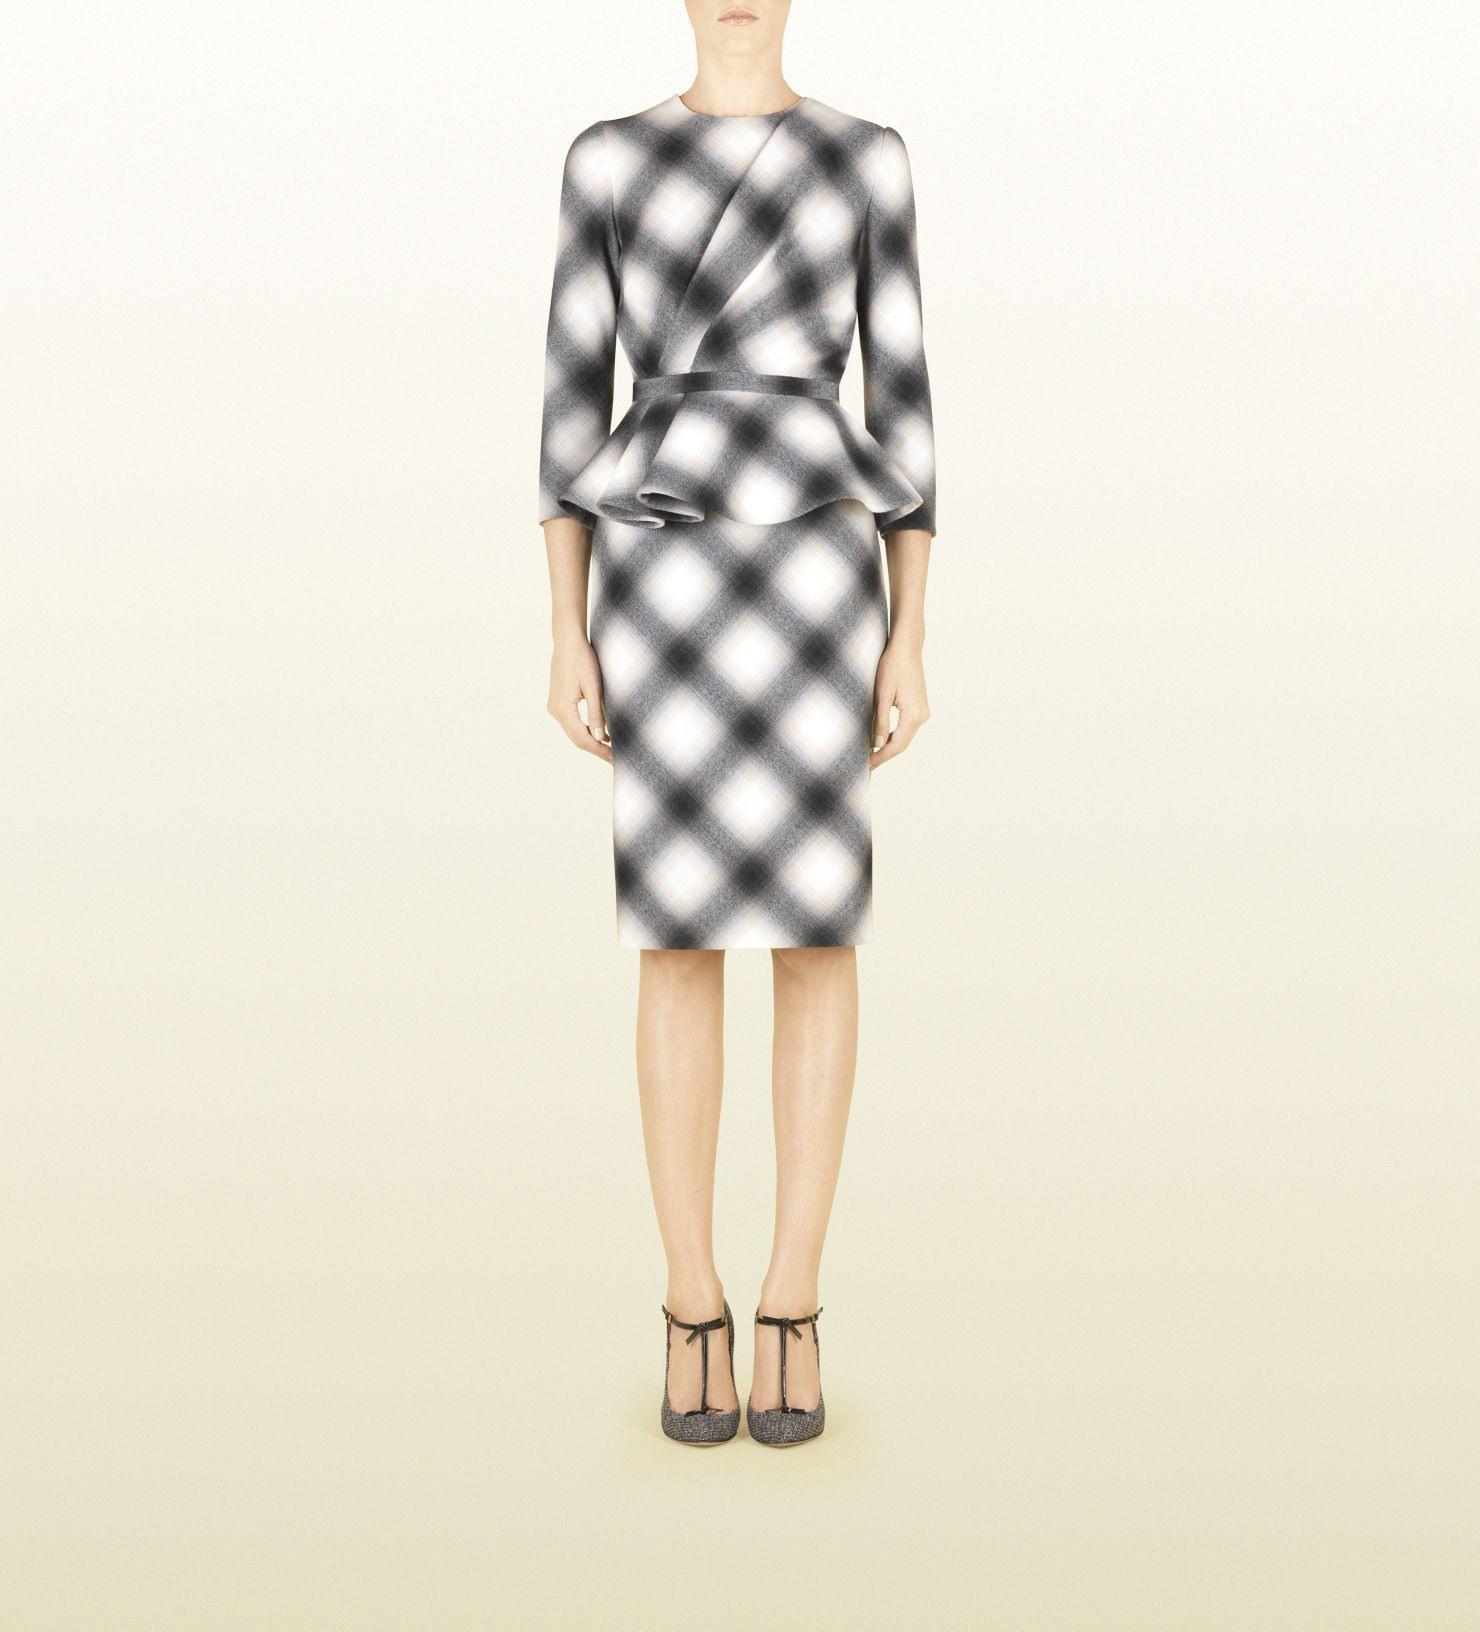 Cool Gucci Abendkleid Ärmel10 Schön Gucci Abendkleid Design